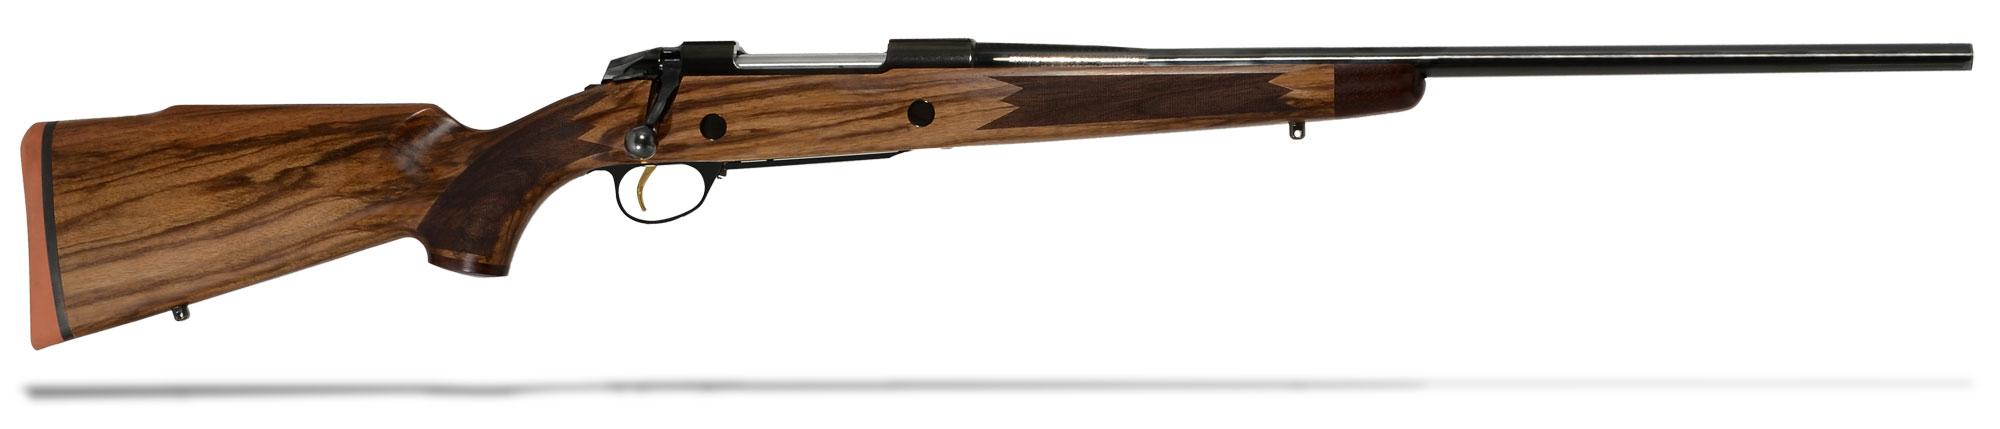 Sako Classic Deluxe .270 Win. Rifle JRSD418